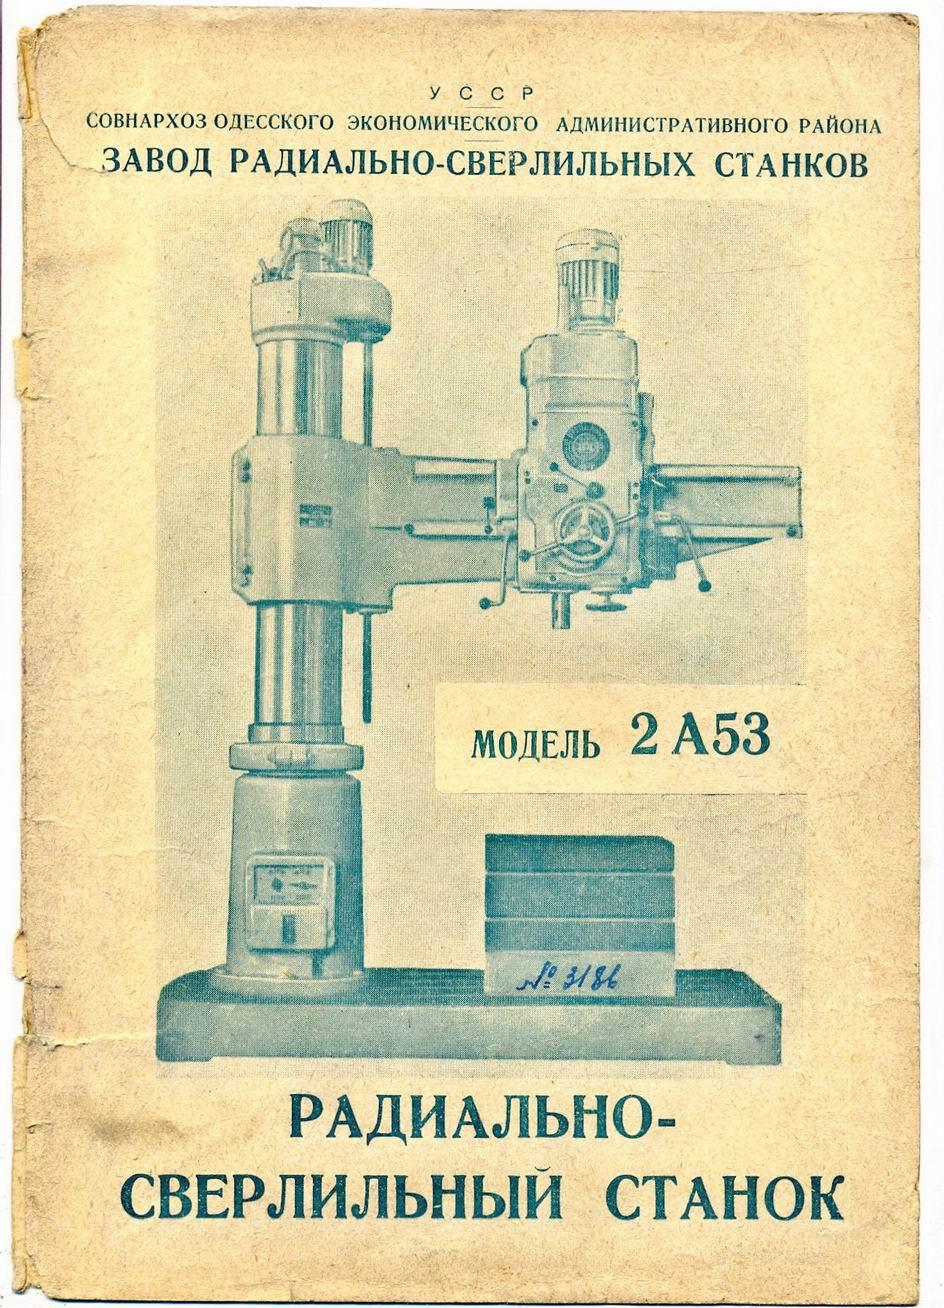 2н55 станок радиально-сверлильный описание, характеристики, схемы